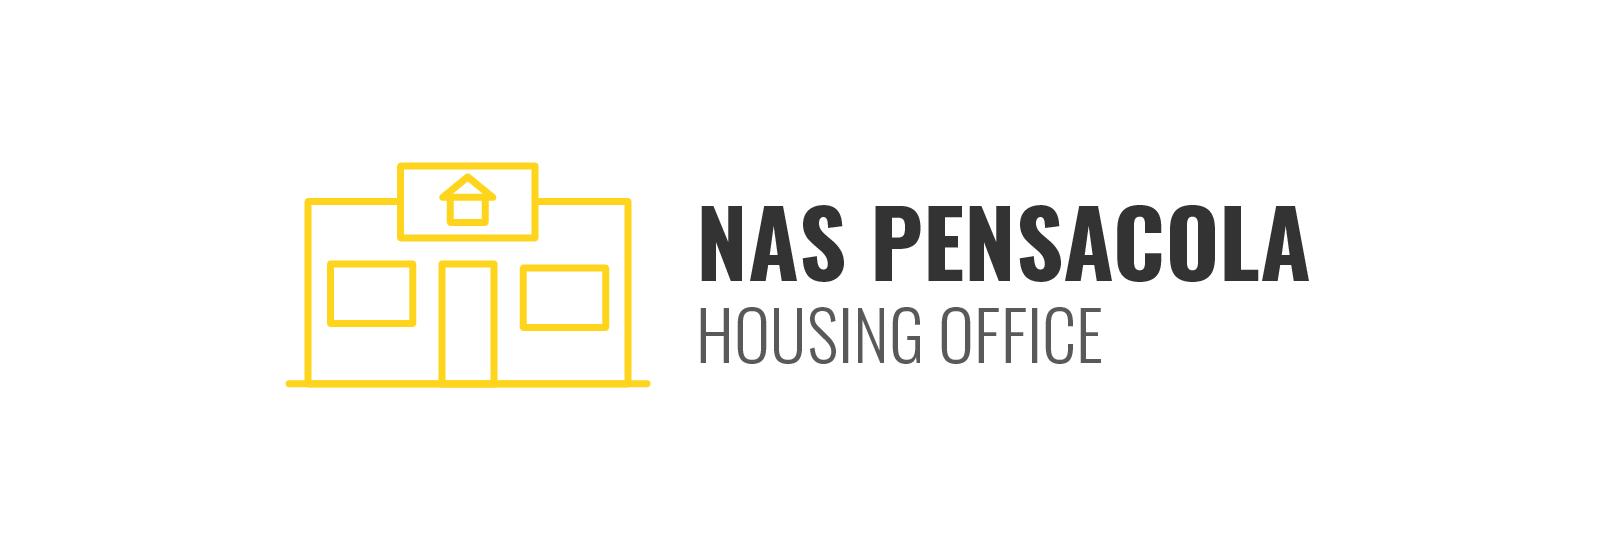 NAS Pensacola Housing Office